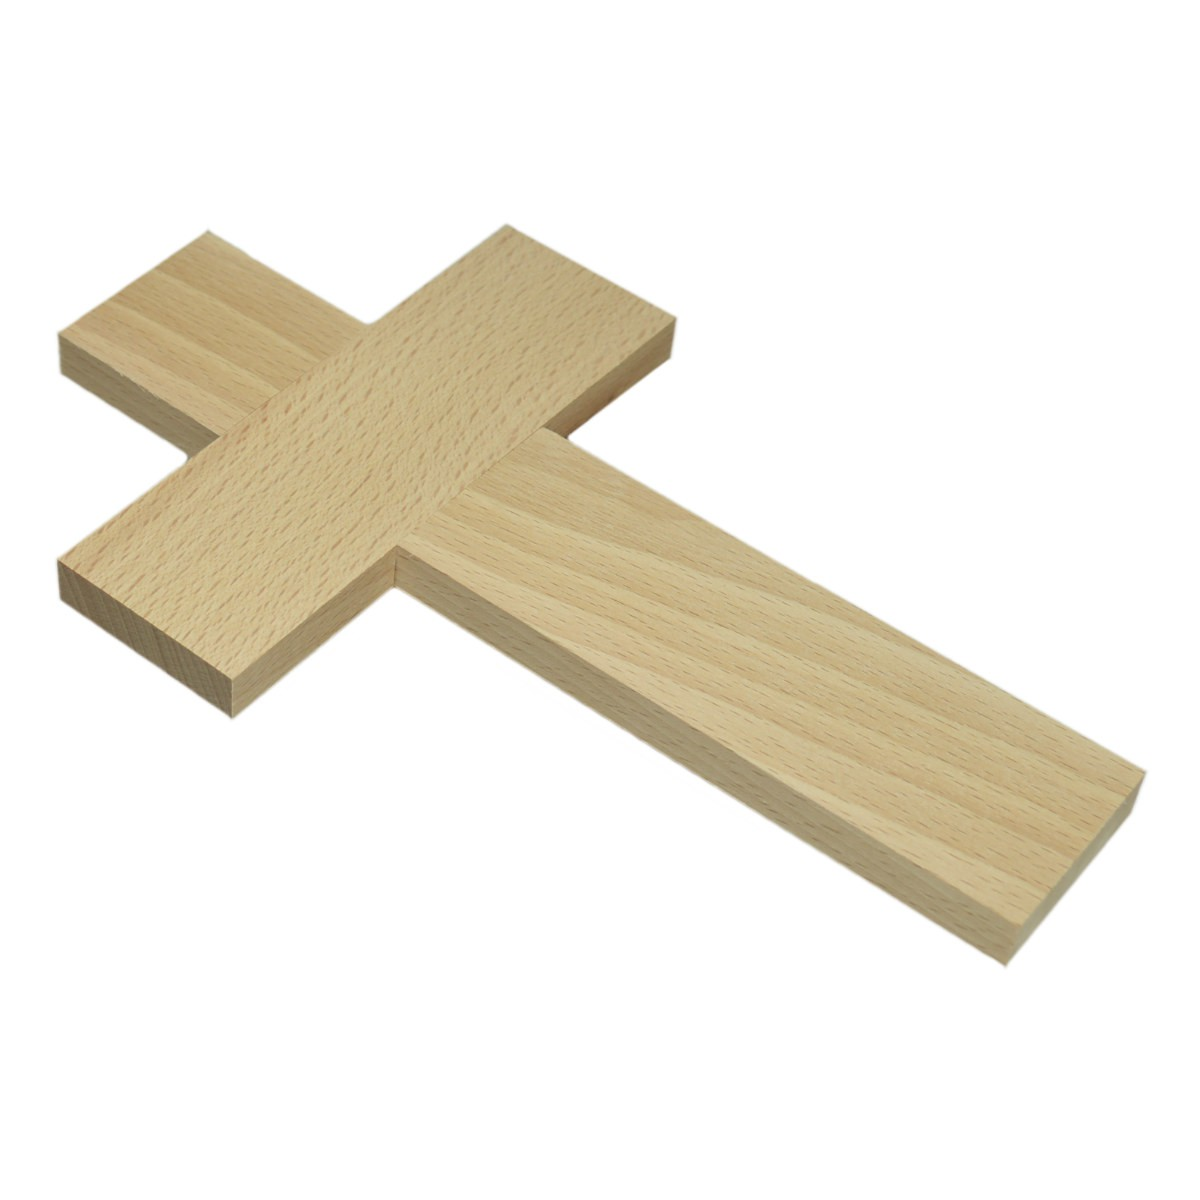 Blanko Holzkreuz - Wandkreuz, glatte Kanten - zum Basteln & Selbstgestalten 20cm